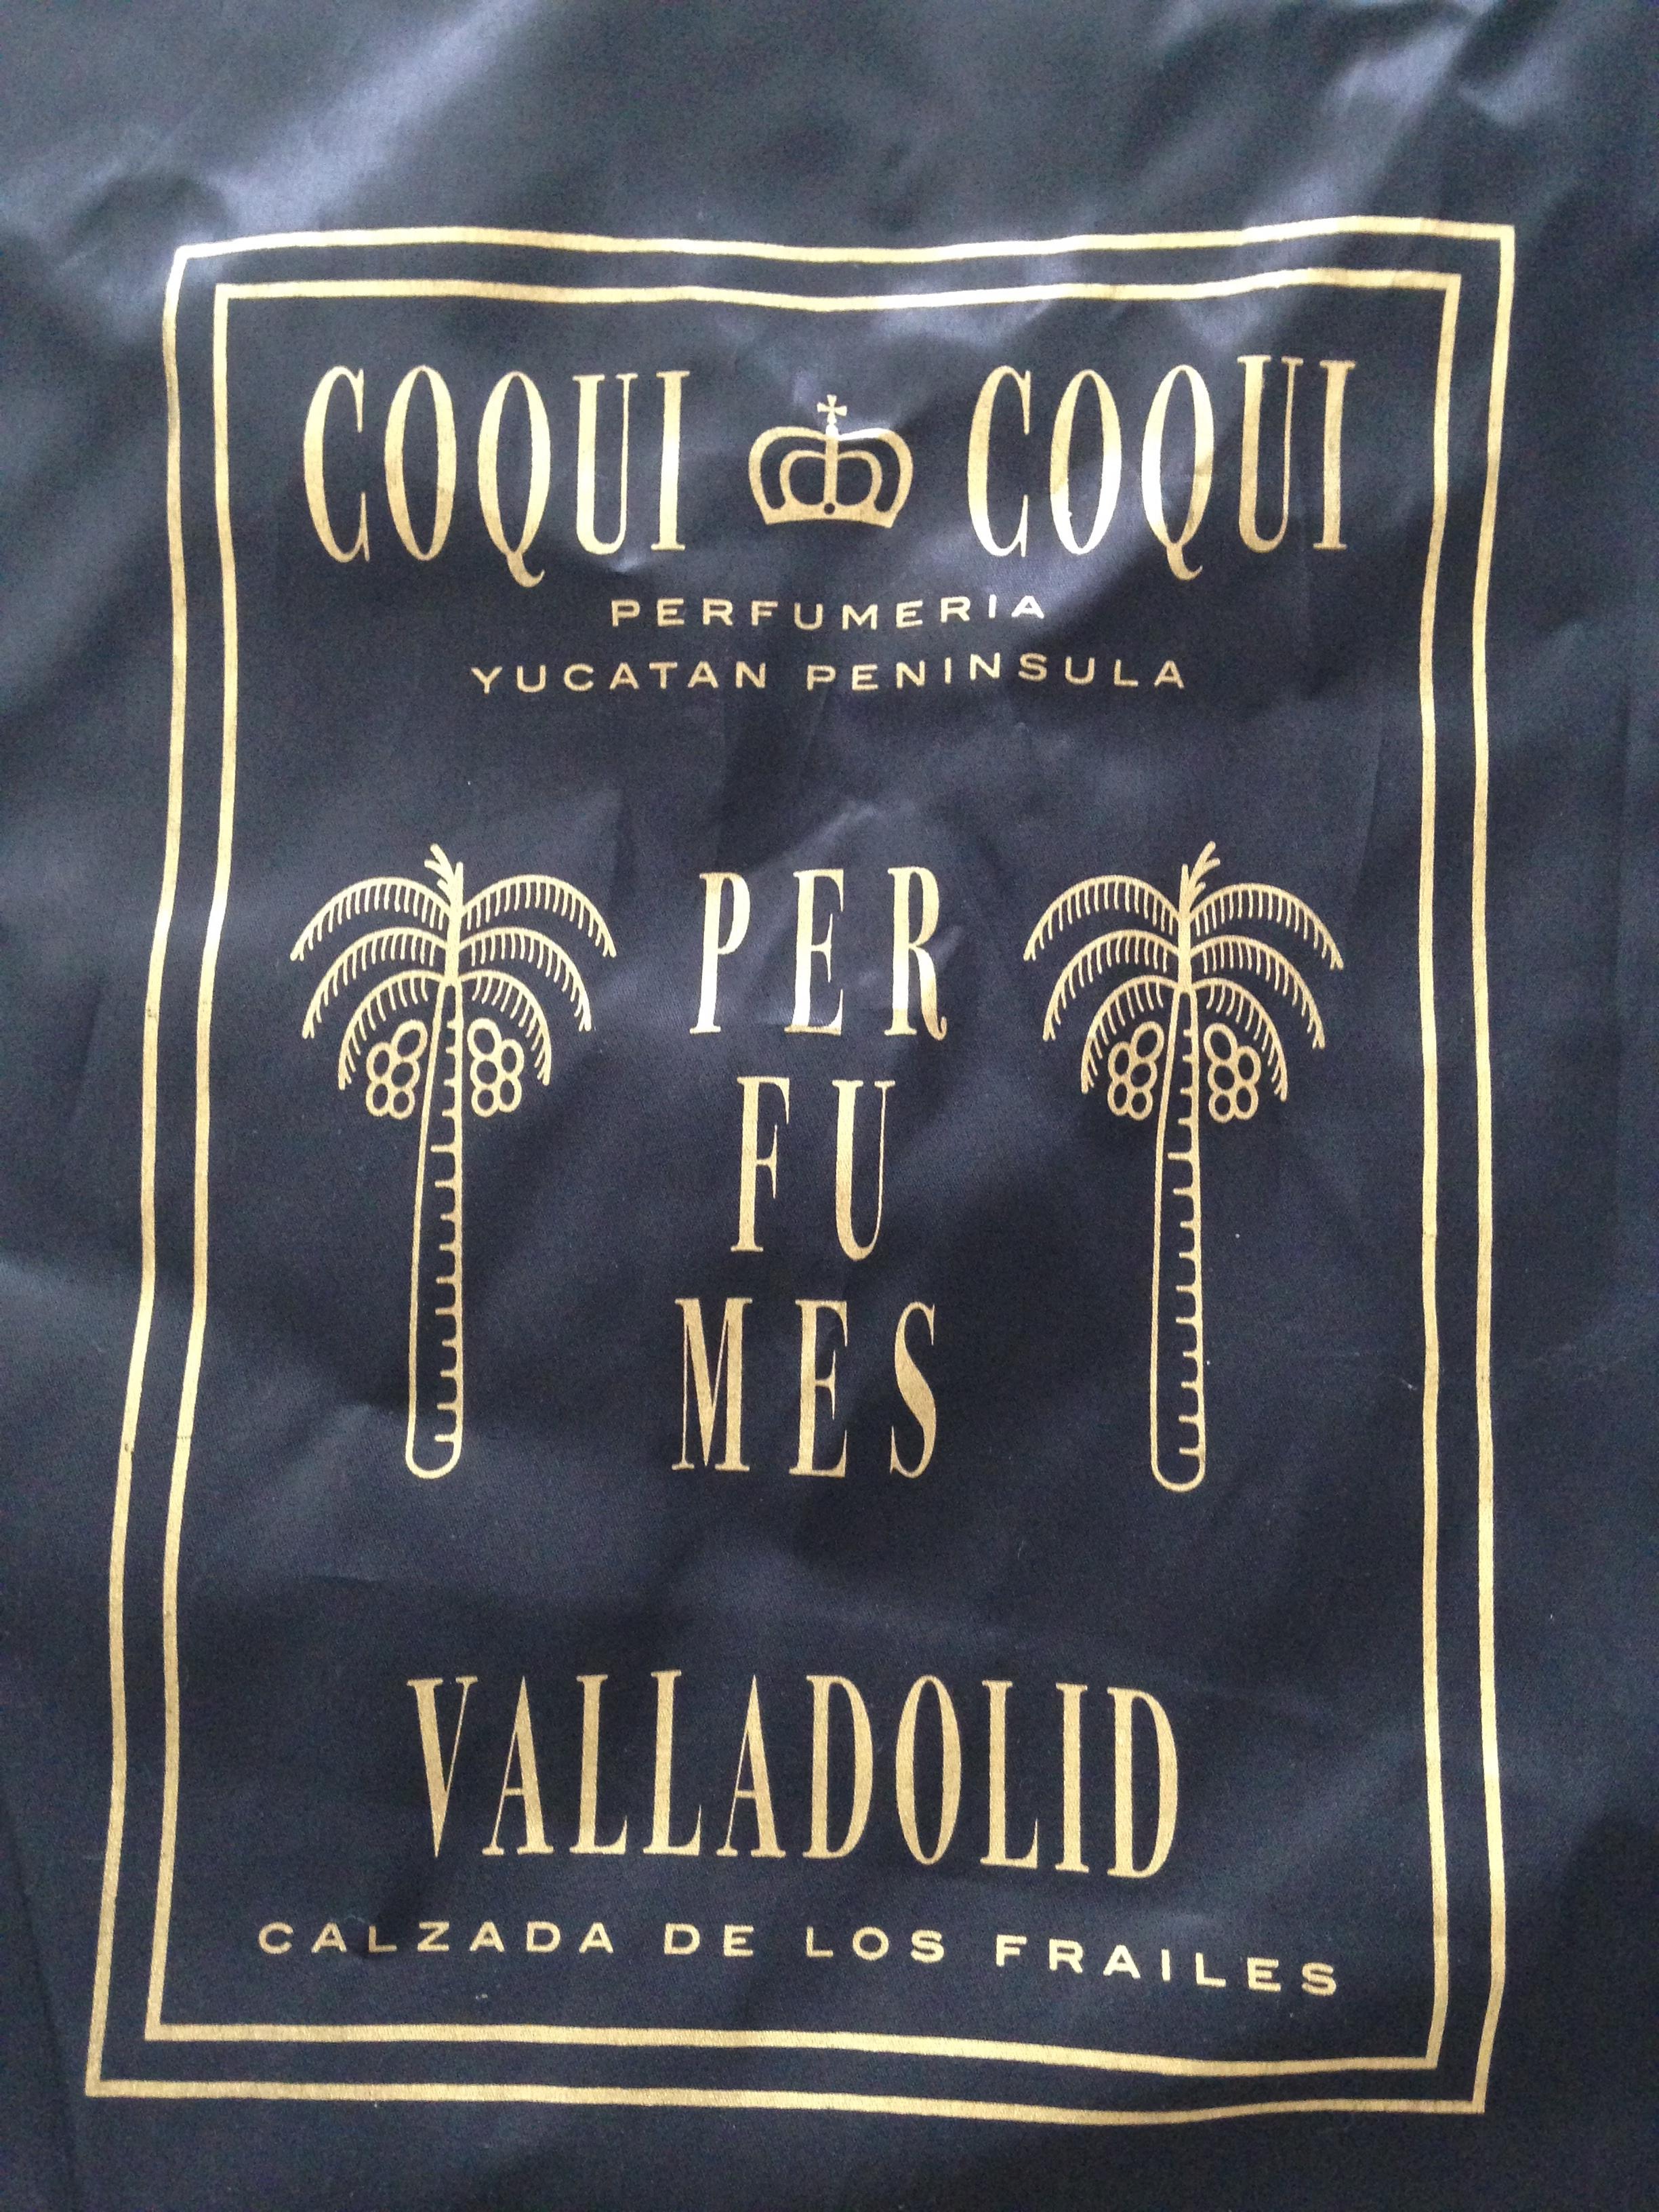 coquicoqui5